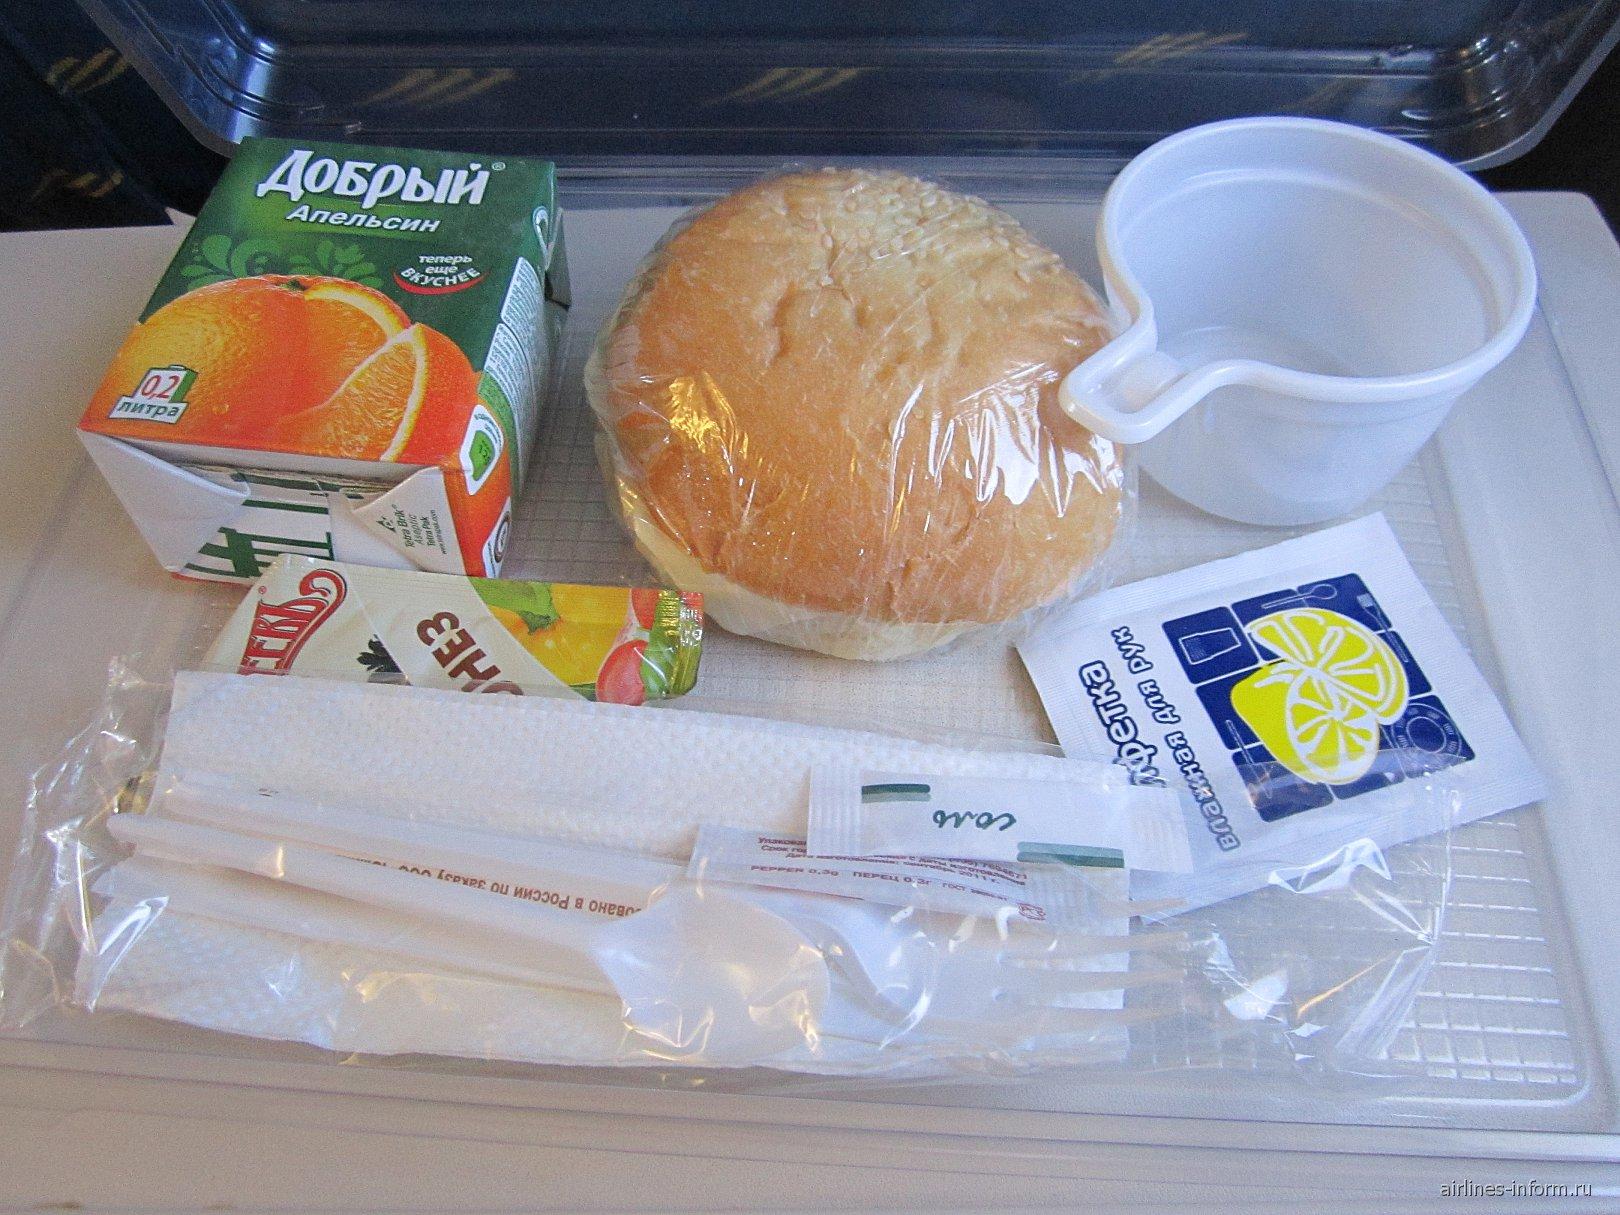 Питание на рейсе Хабаровск-Владивосток авиакомпании Владивосток Авиа